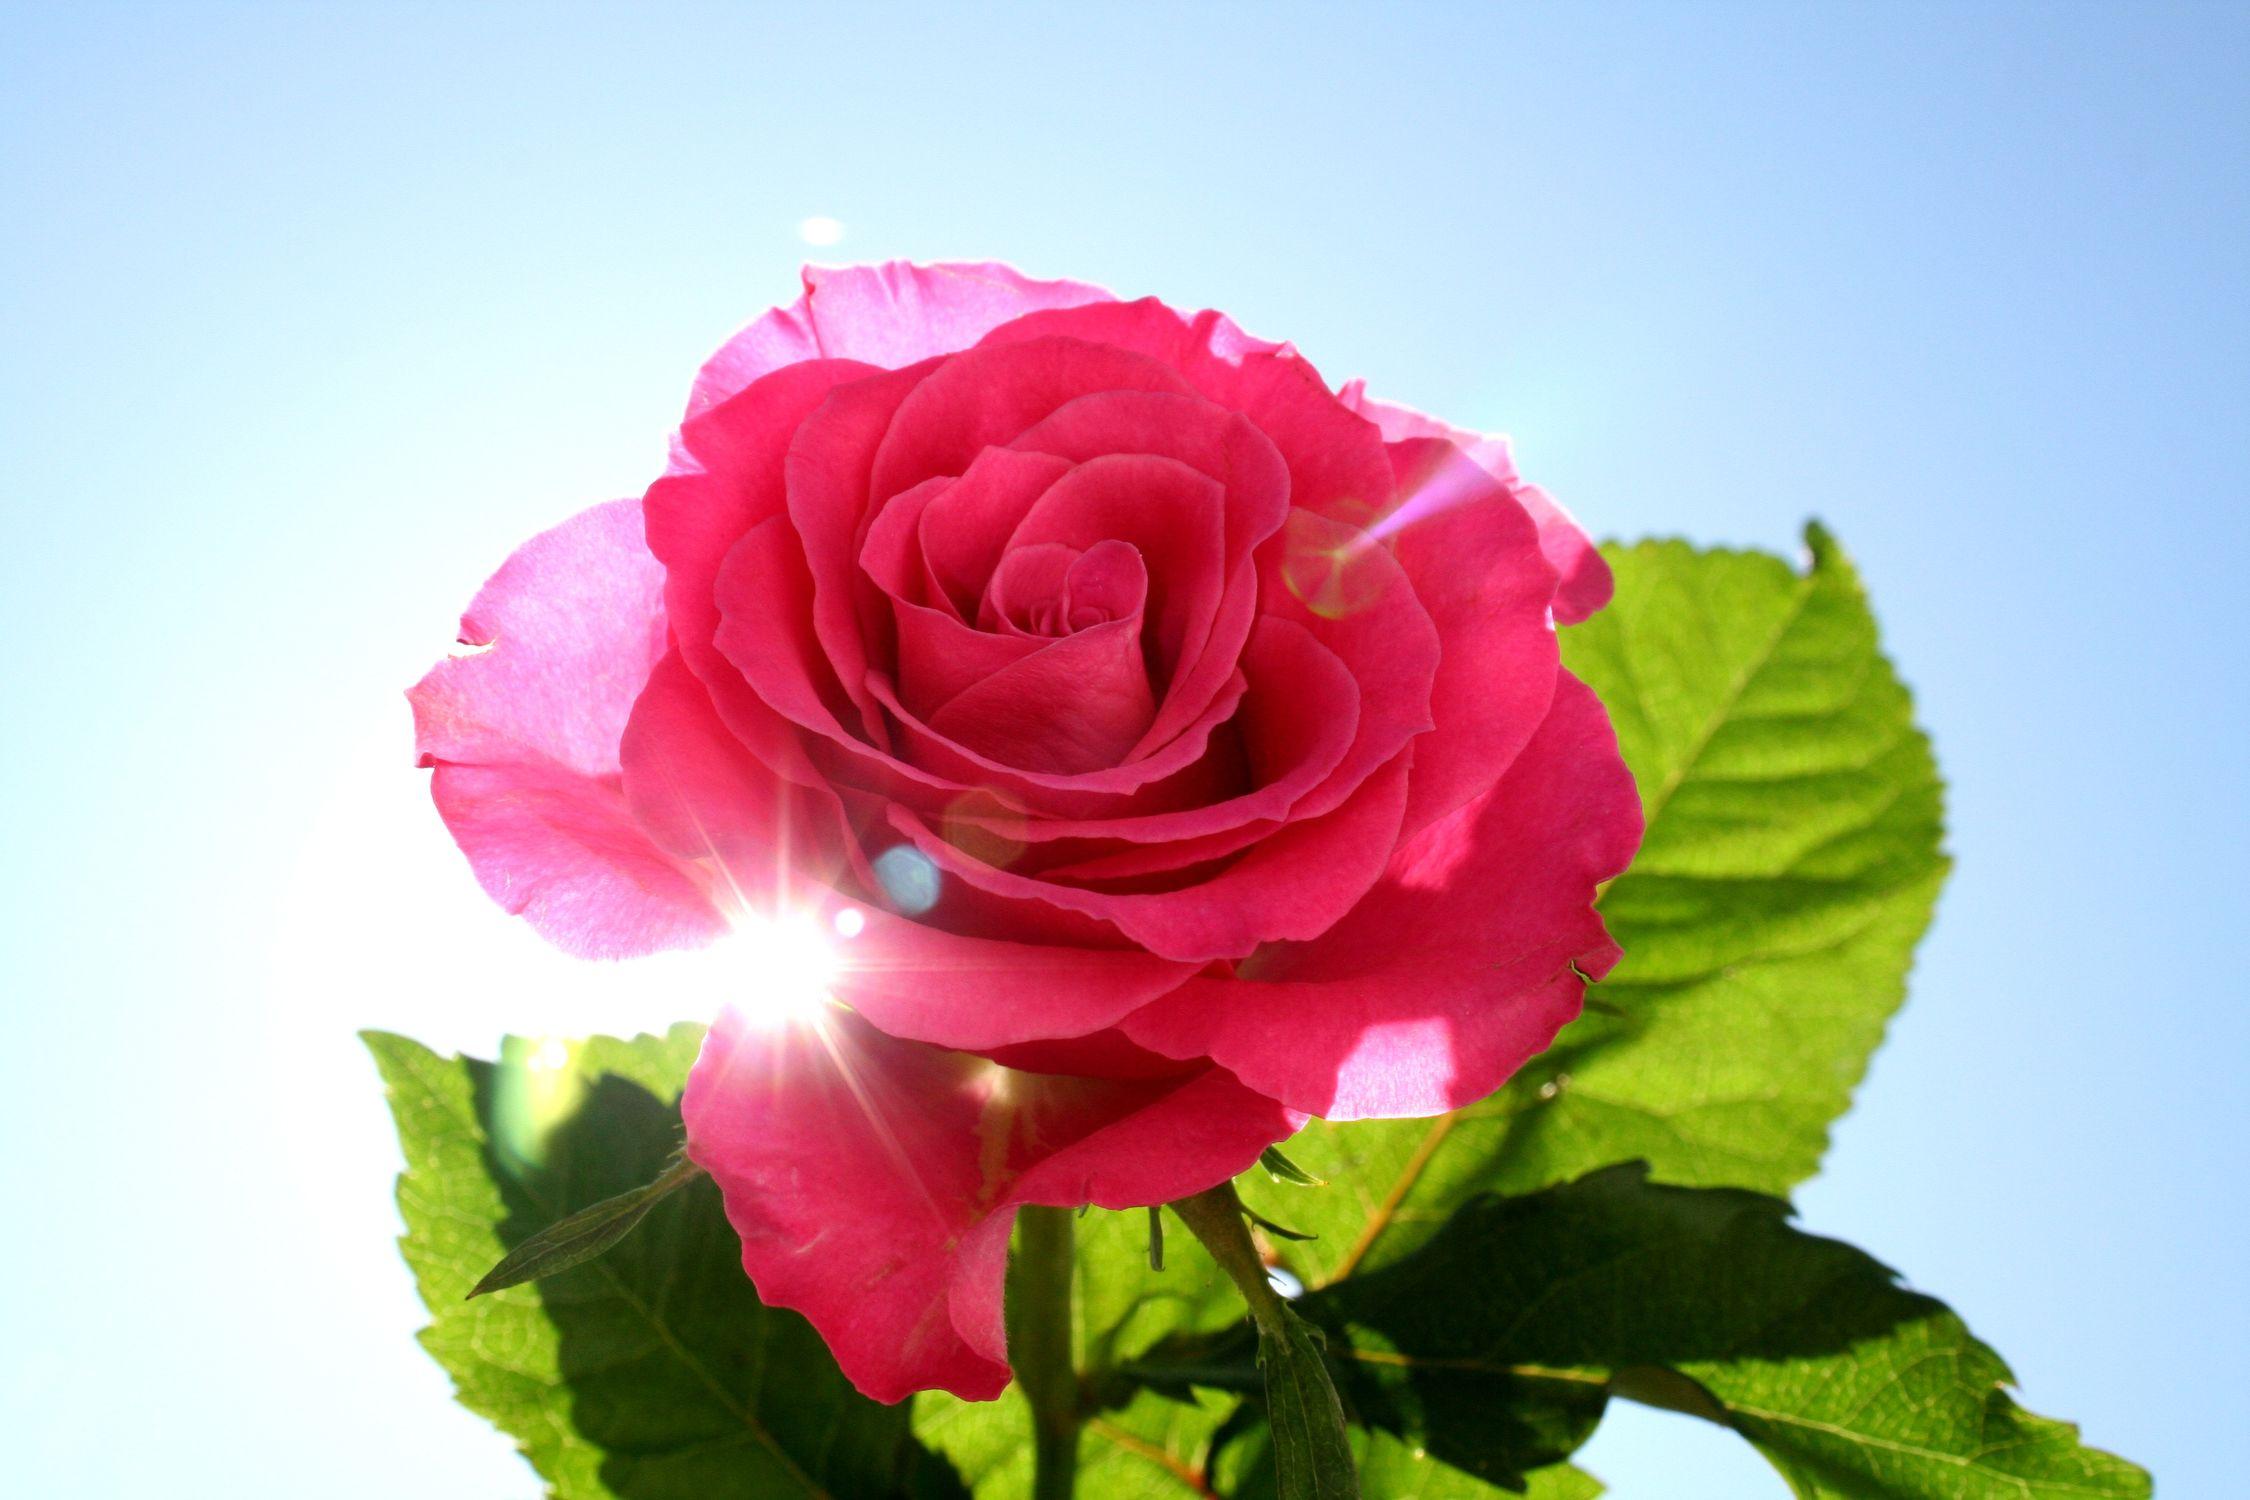 Bild mit Farben, Natur, Pflanzen, Blumen, Rosa, Rosen, Kamelien, Blume, Pflanze, Rose